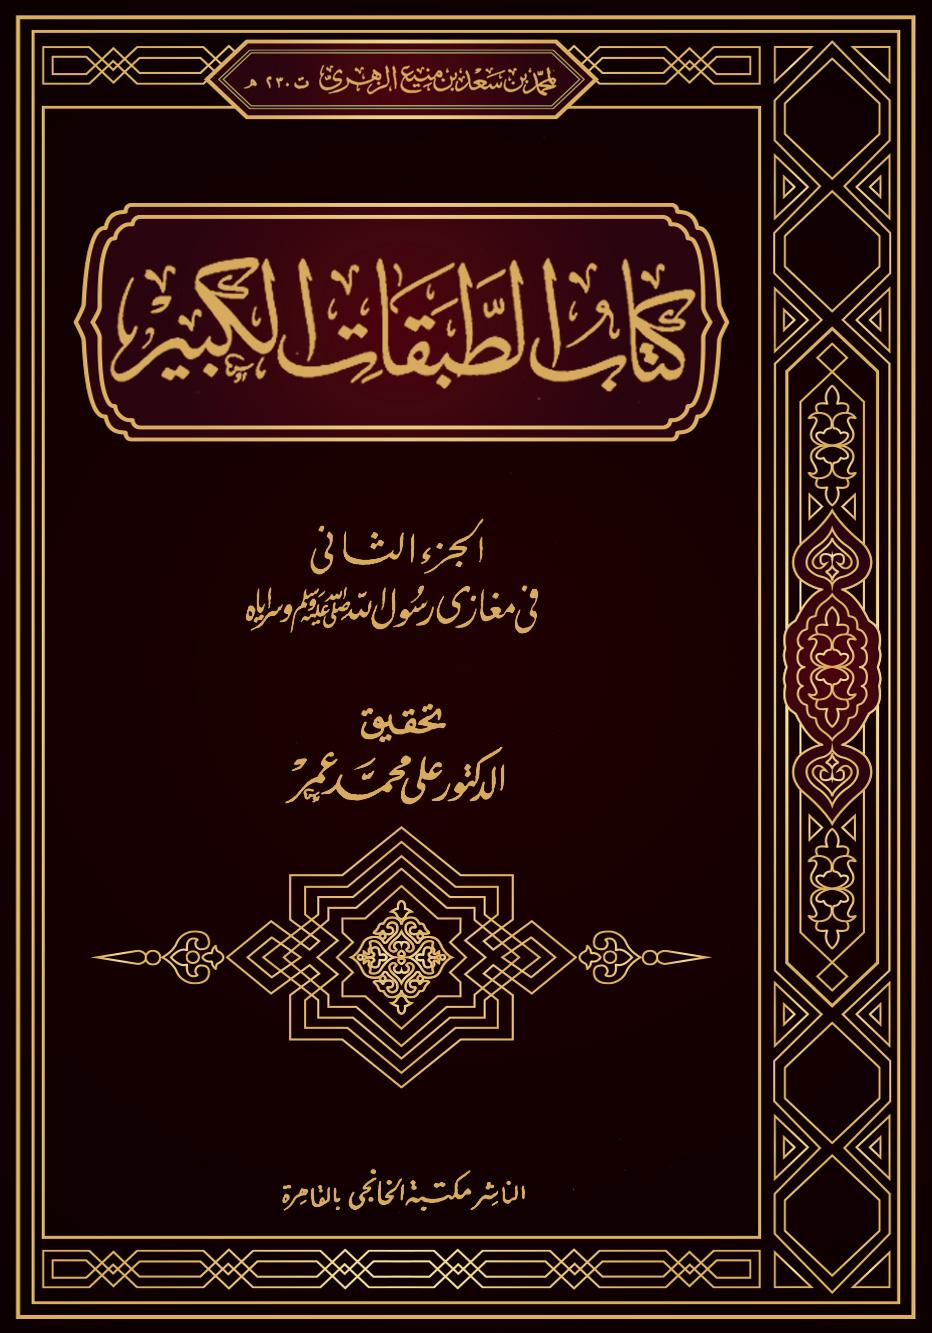 كتاب الطبقات الكبير (الجزء الثاني- مغازي رسول الله وسراياه)